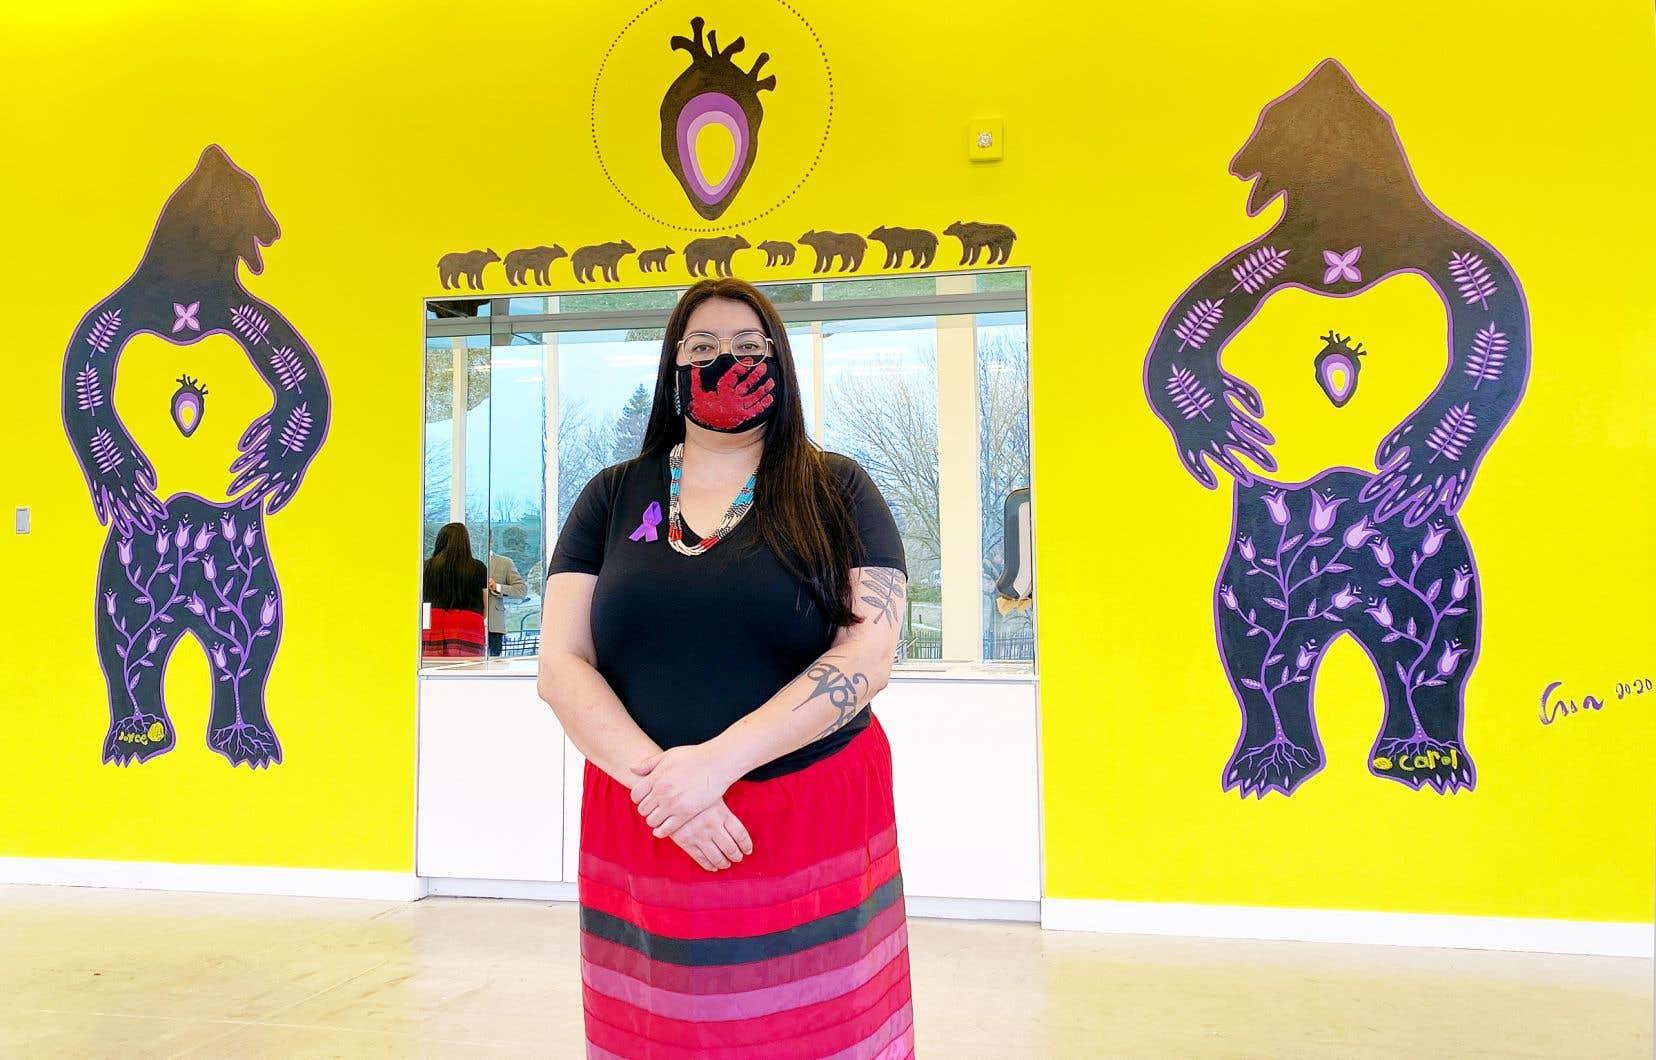 Née en1980 d'une mère francophone et d'un père attikamek, l'artiste Eruoma Awashish était déjà connue du Musée d'art de Joliette. Elle y avait exposé en janvier 2019 dans le cadre de l'exposition collective «De tabac et de foin d'odeur», du commissaire wendat Guy Sioui Durand. Elle signe cette murale intitulée «Mackwisiwin».